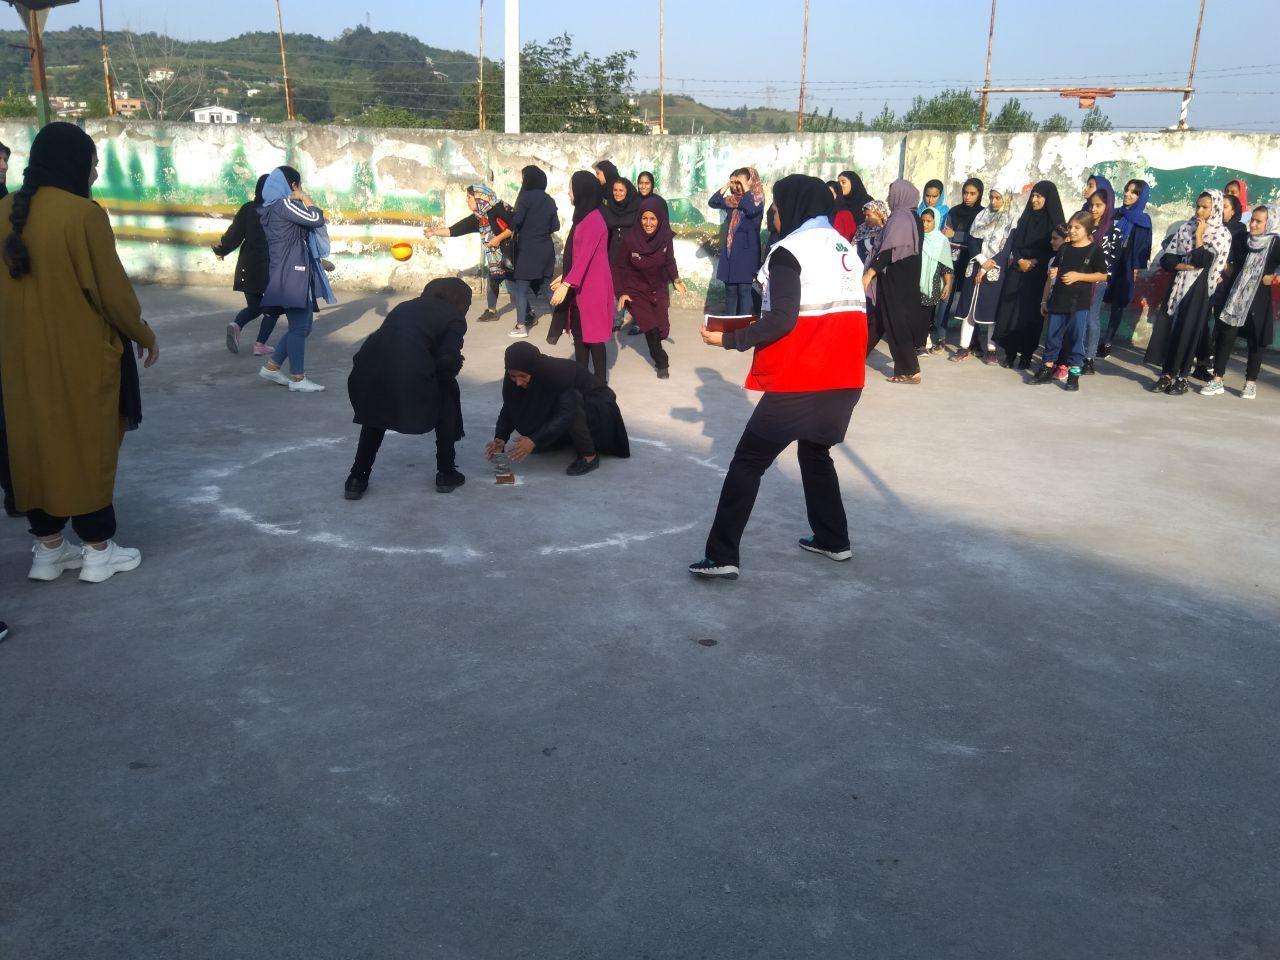 برگزاری مسابقات بومی ومحلی به مناسبت هفته دفاع مقدس  در سوادکوه شمالی